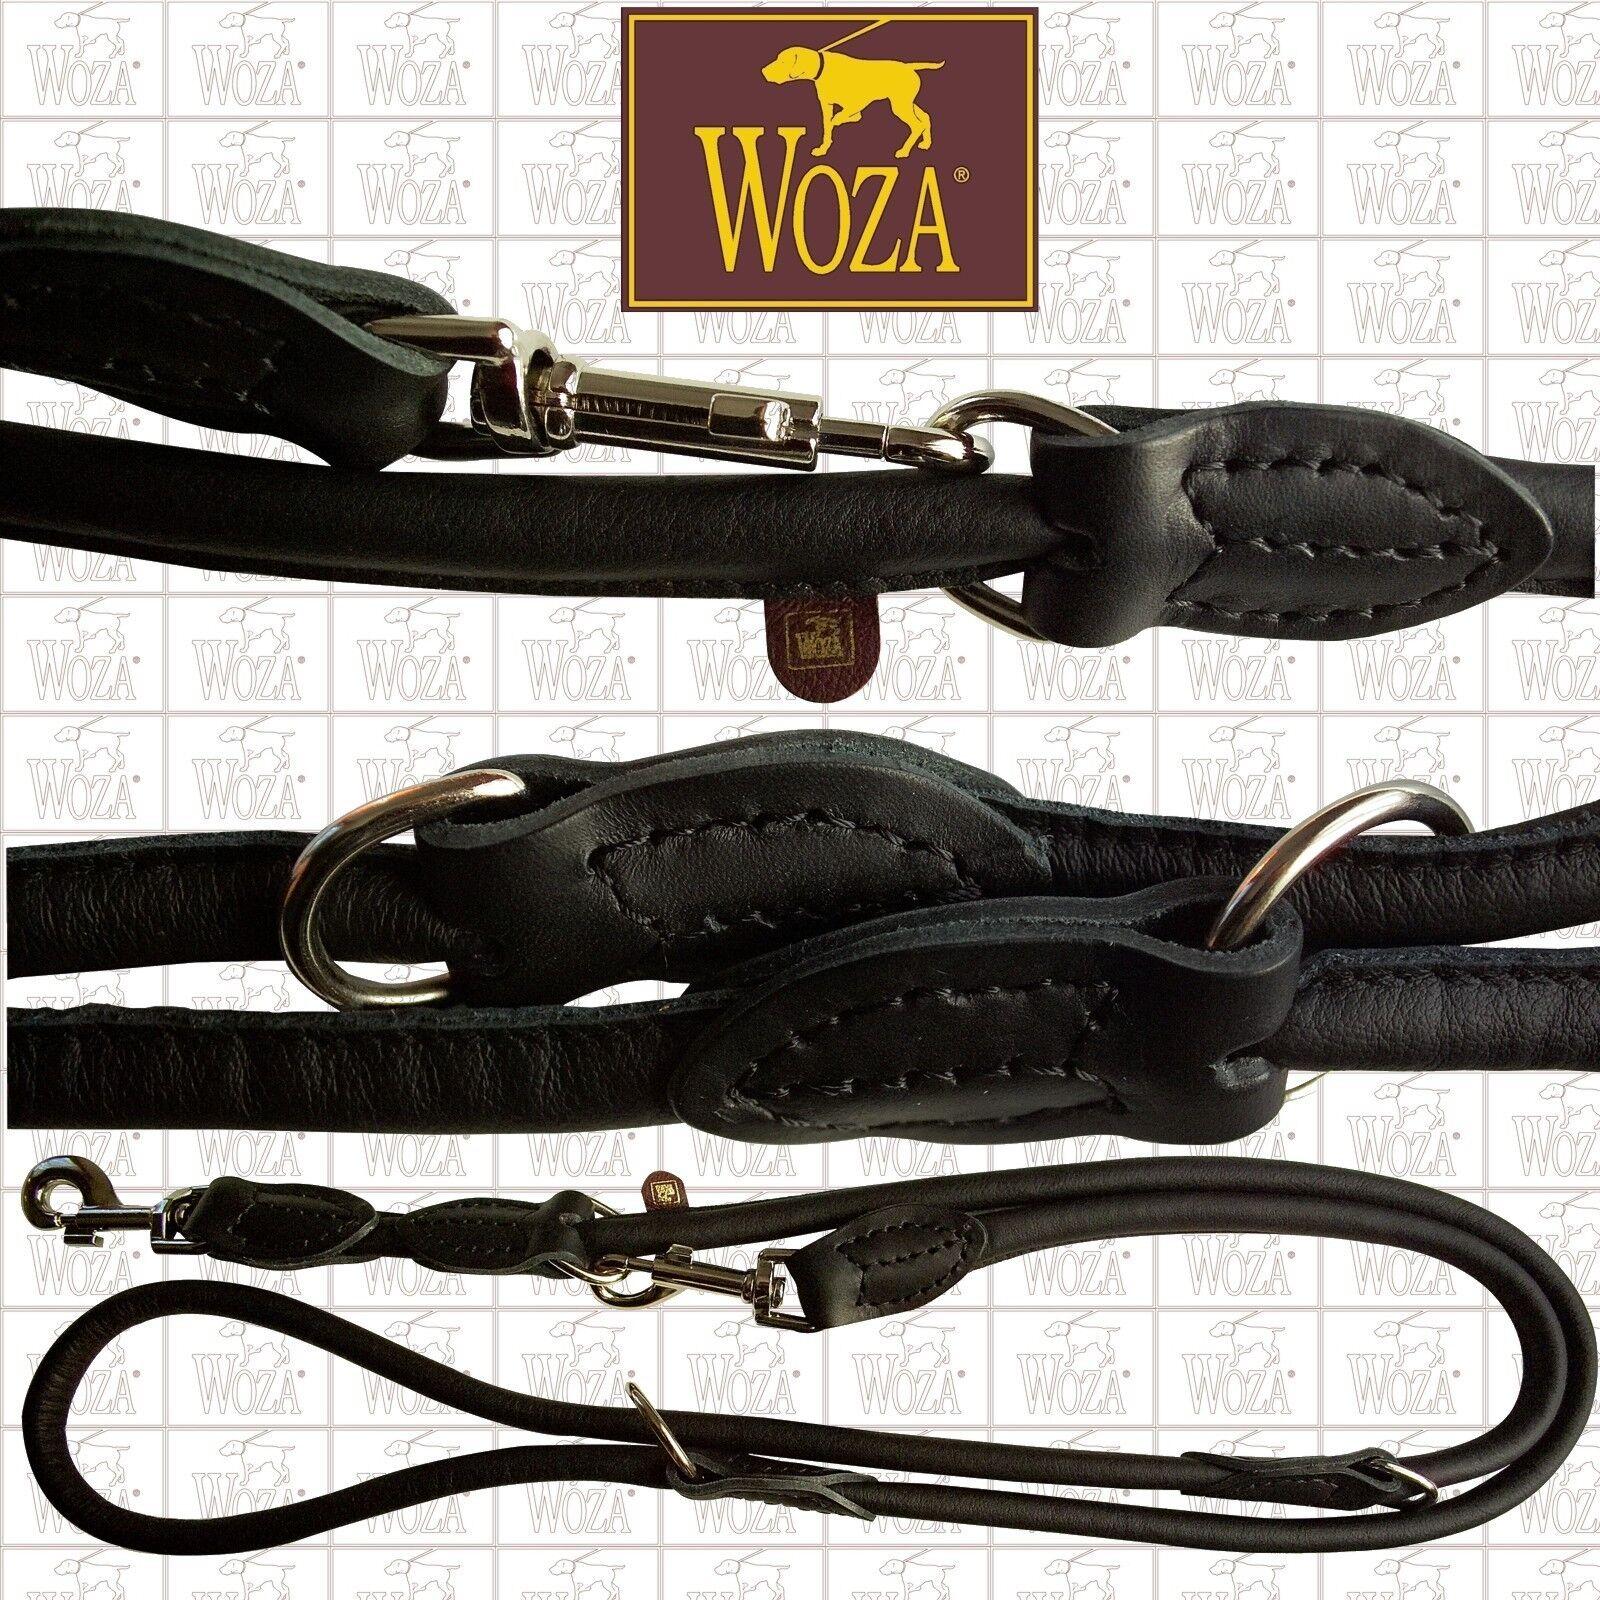 WOZA Rundgenähte Hundeleine Handgenäht Vollleder Lederleine Softrindnappa US1346  | Verkauf